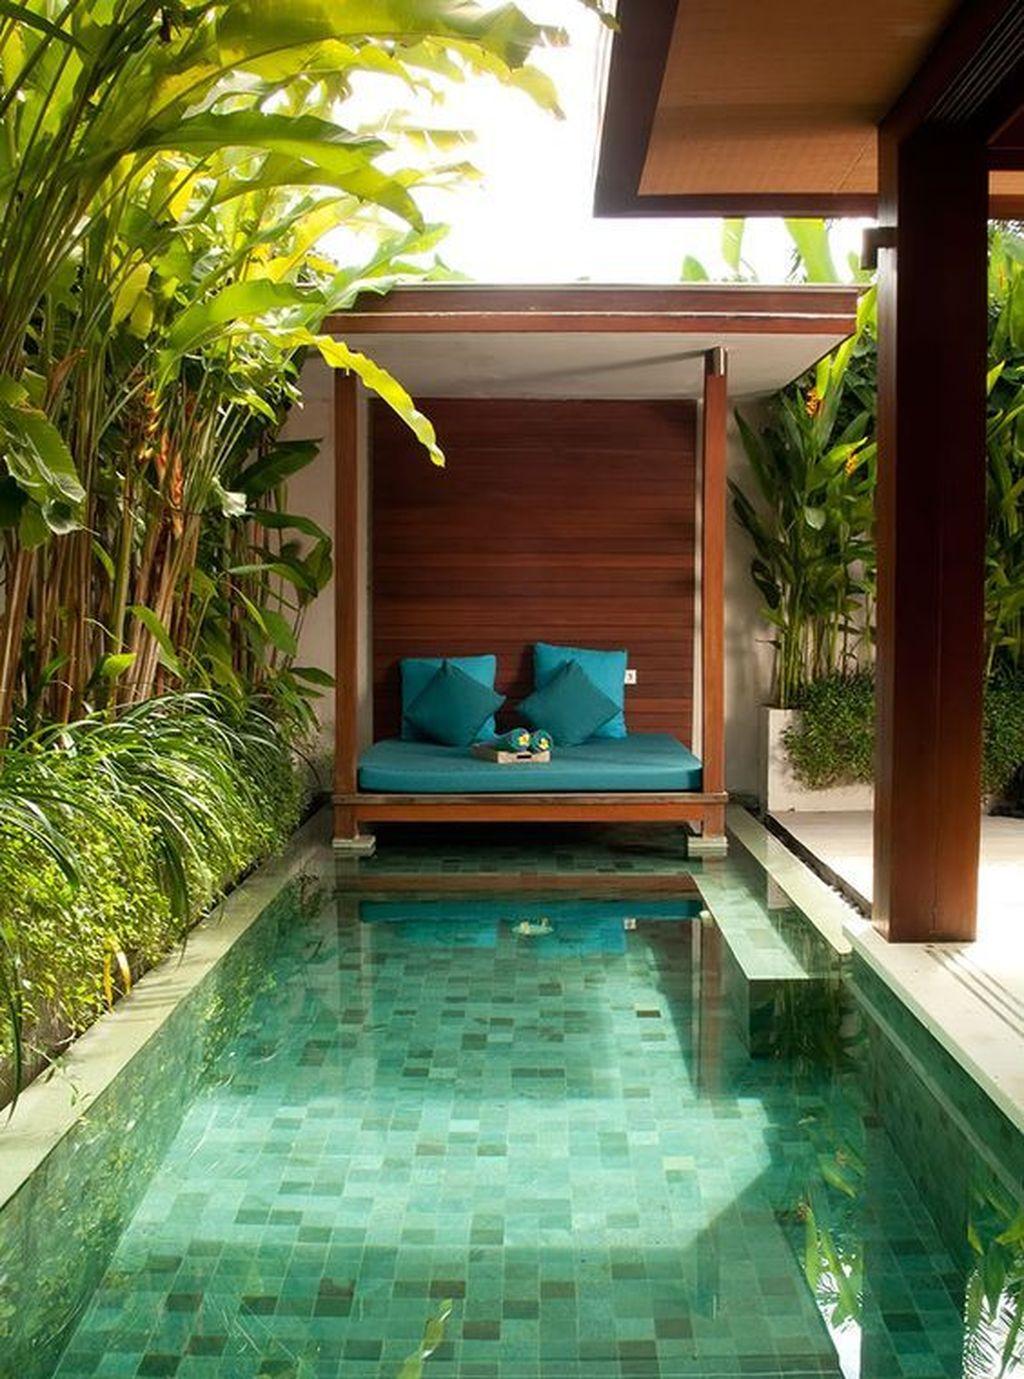 Popular Pool Design Ideas For Summertime 30